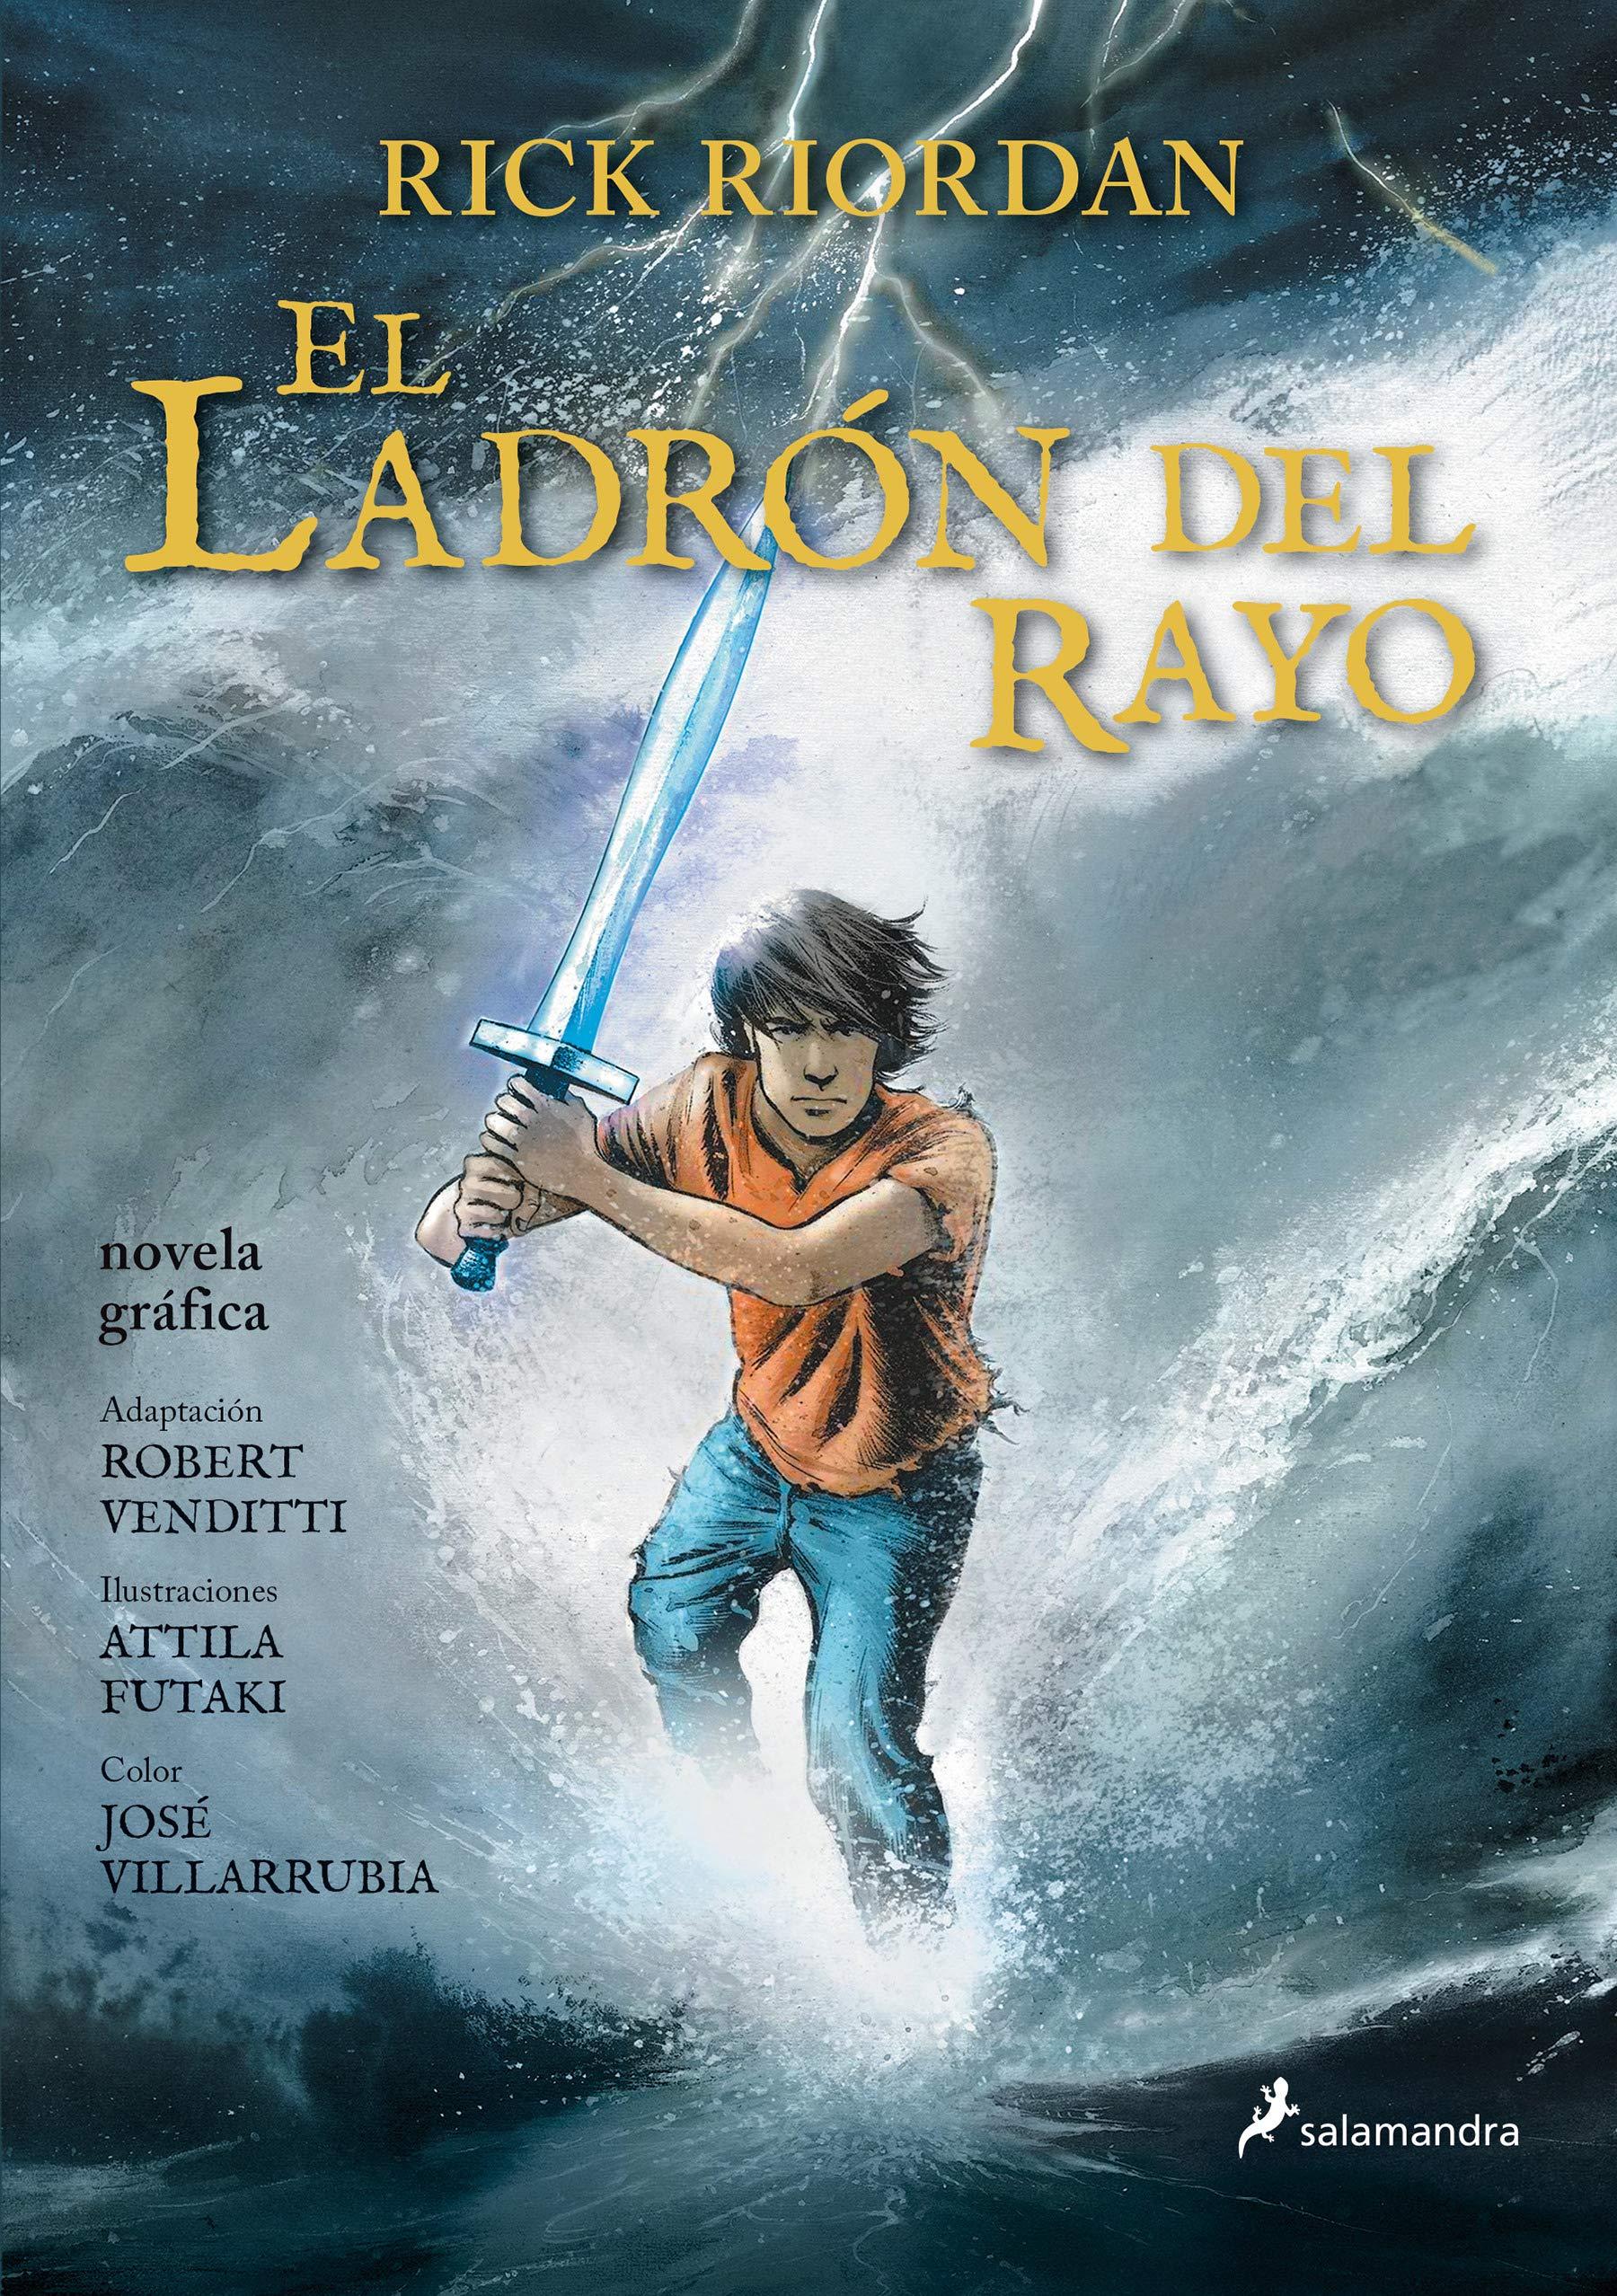 El ladrón del rayo Percy Jackson y los dioses del Olimpo novela gráfica 1 : Percy Jackson y los Dioses del Olimpo I: Amazon.es: Riordan, Rick: Libros